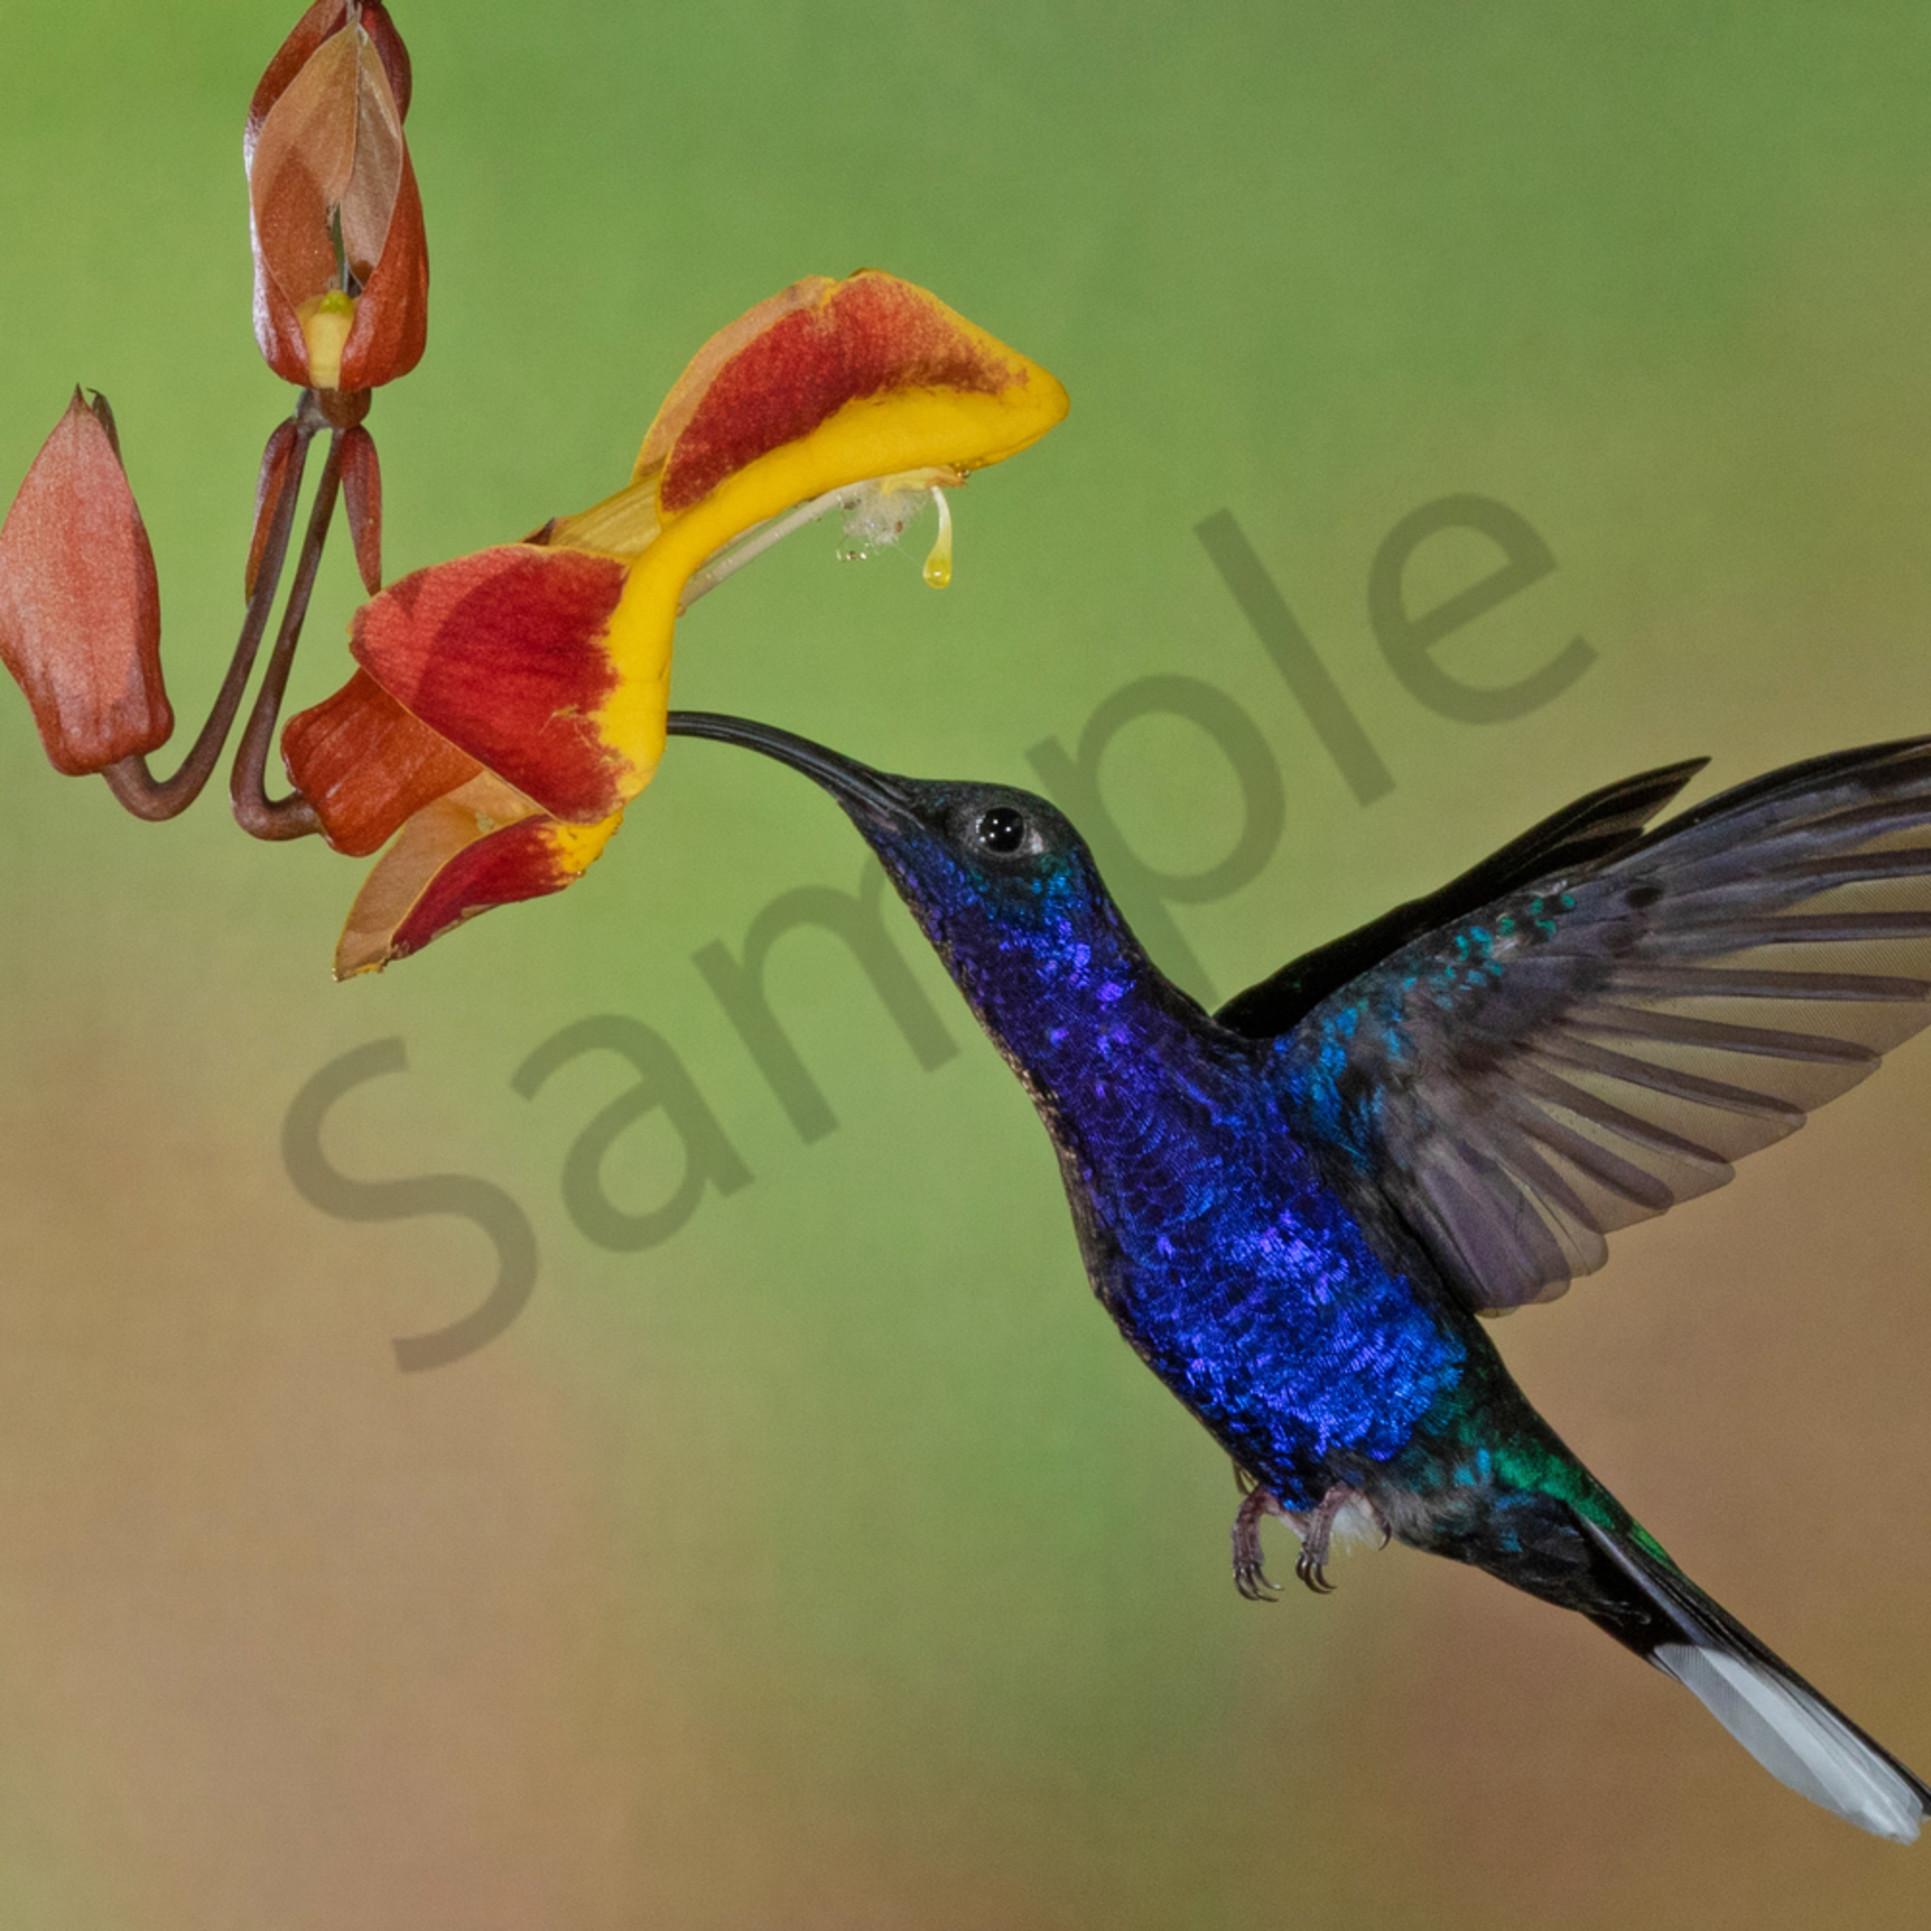 Violet saberwing 1 jv7vdb